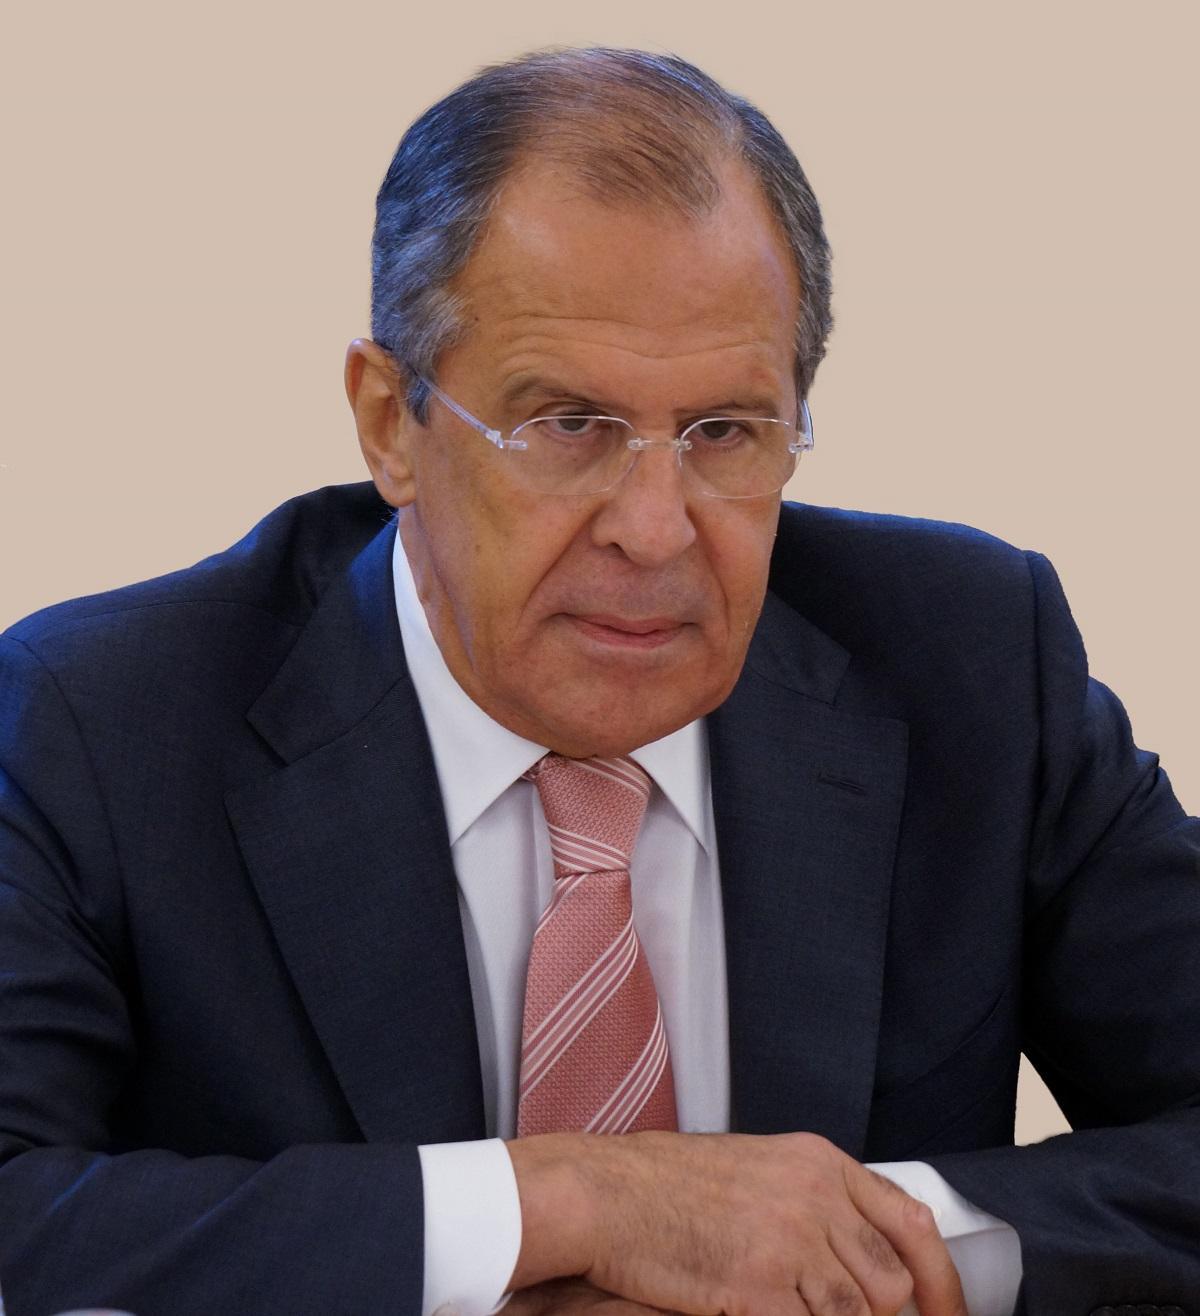 Лавров – об обещании ФРГ обеспечить продление транзита российского газа на Украину: «Знать, Германия сильна»